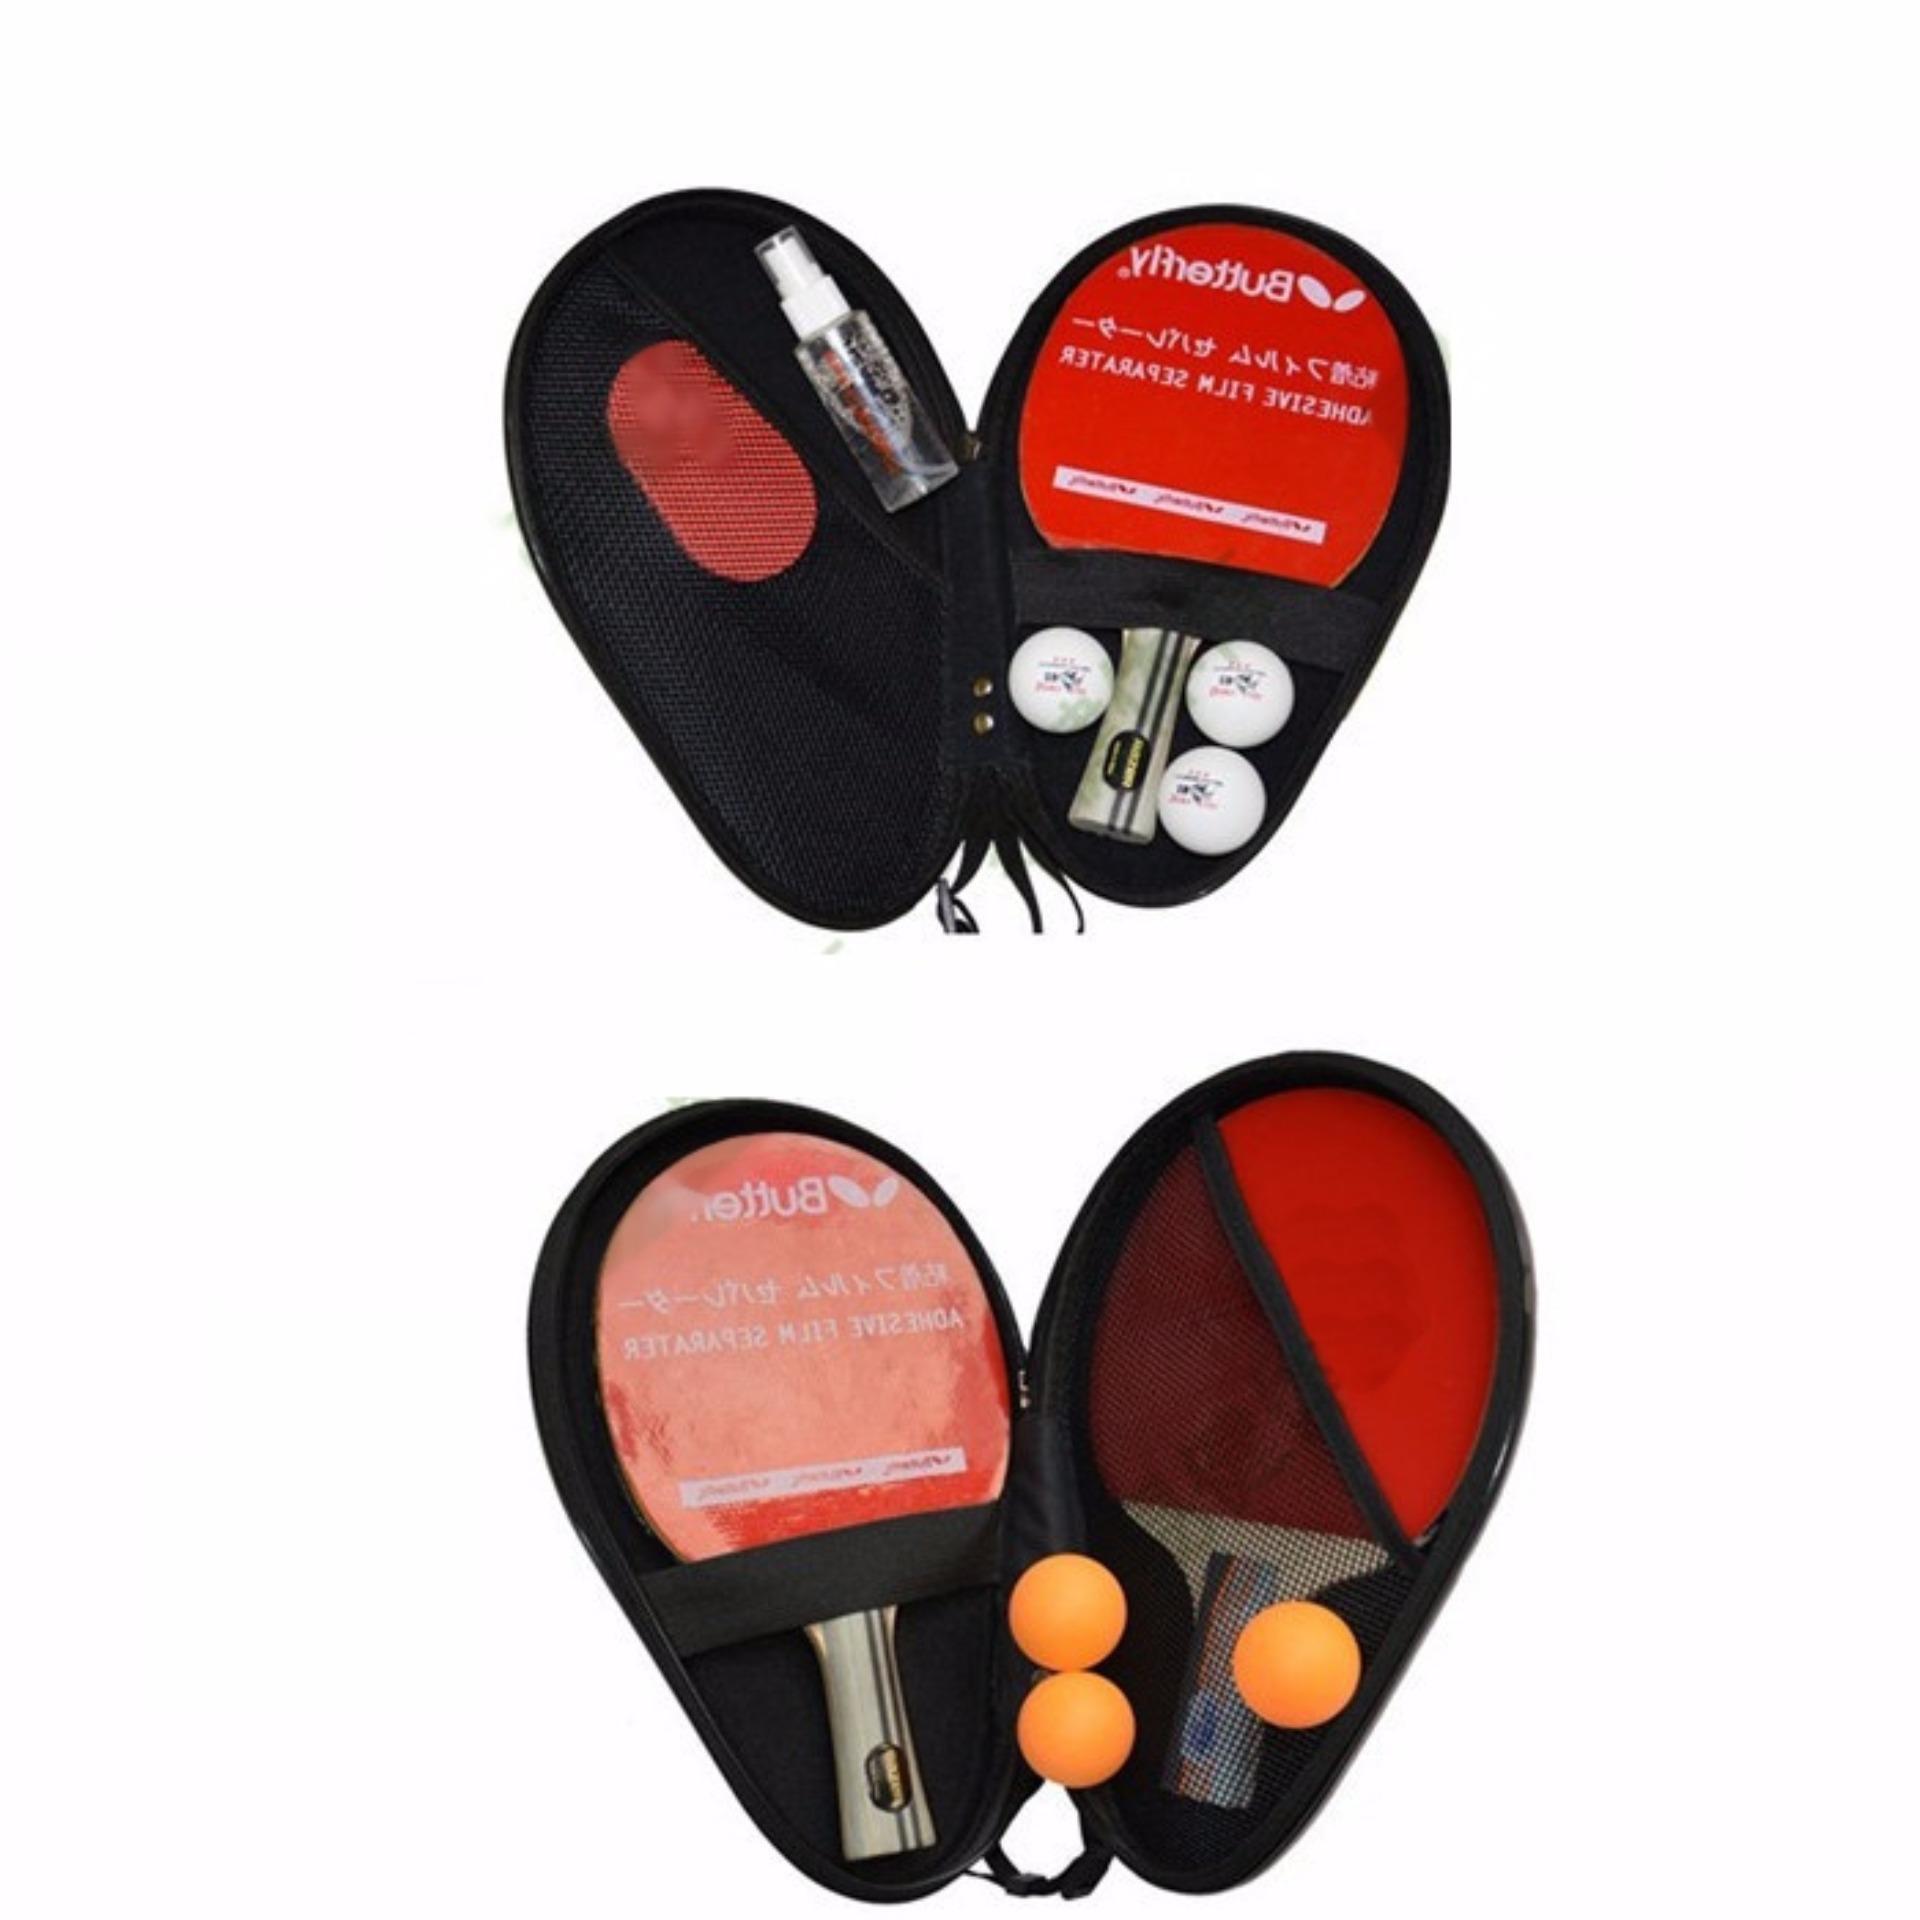 Bao đựng vợt bóng bàn, túi đựng vợt bóng bàn cứng cáp bảo vệ tuyệt đối vợt; chất liệu cao cấp  POPO Sports - 2